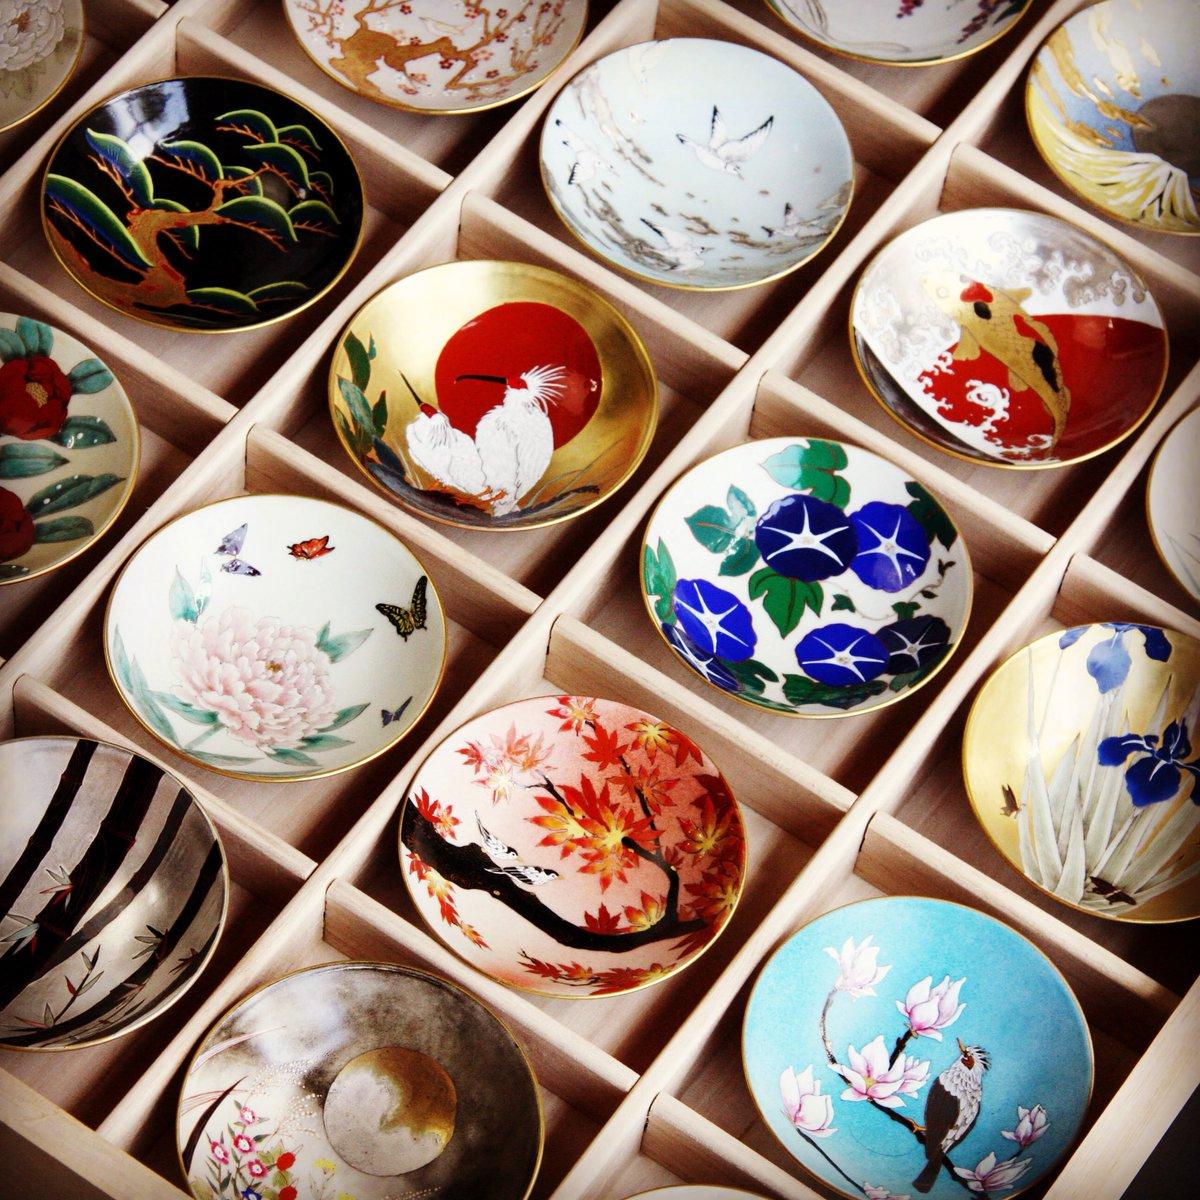 「天井絵二十五季盃揃え」永平寺の天井絵に着想を得た盃。季節毎の日本の花鳥風月、縁起物の絵柄など。